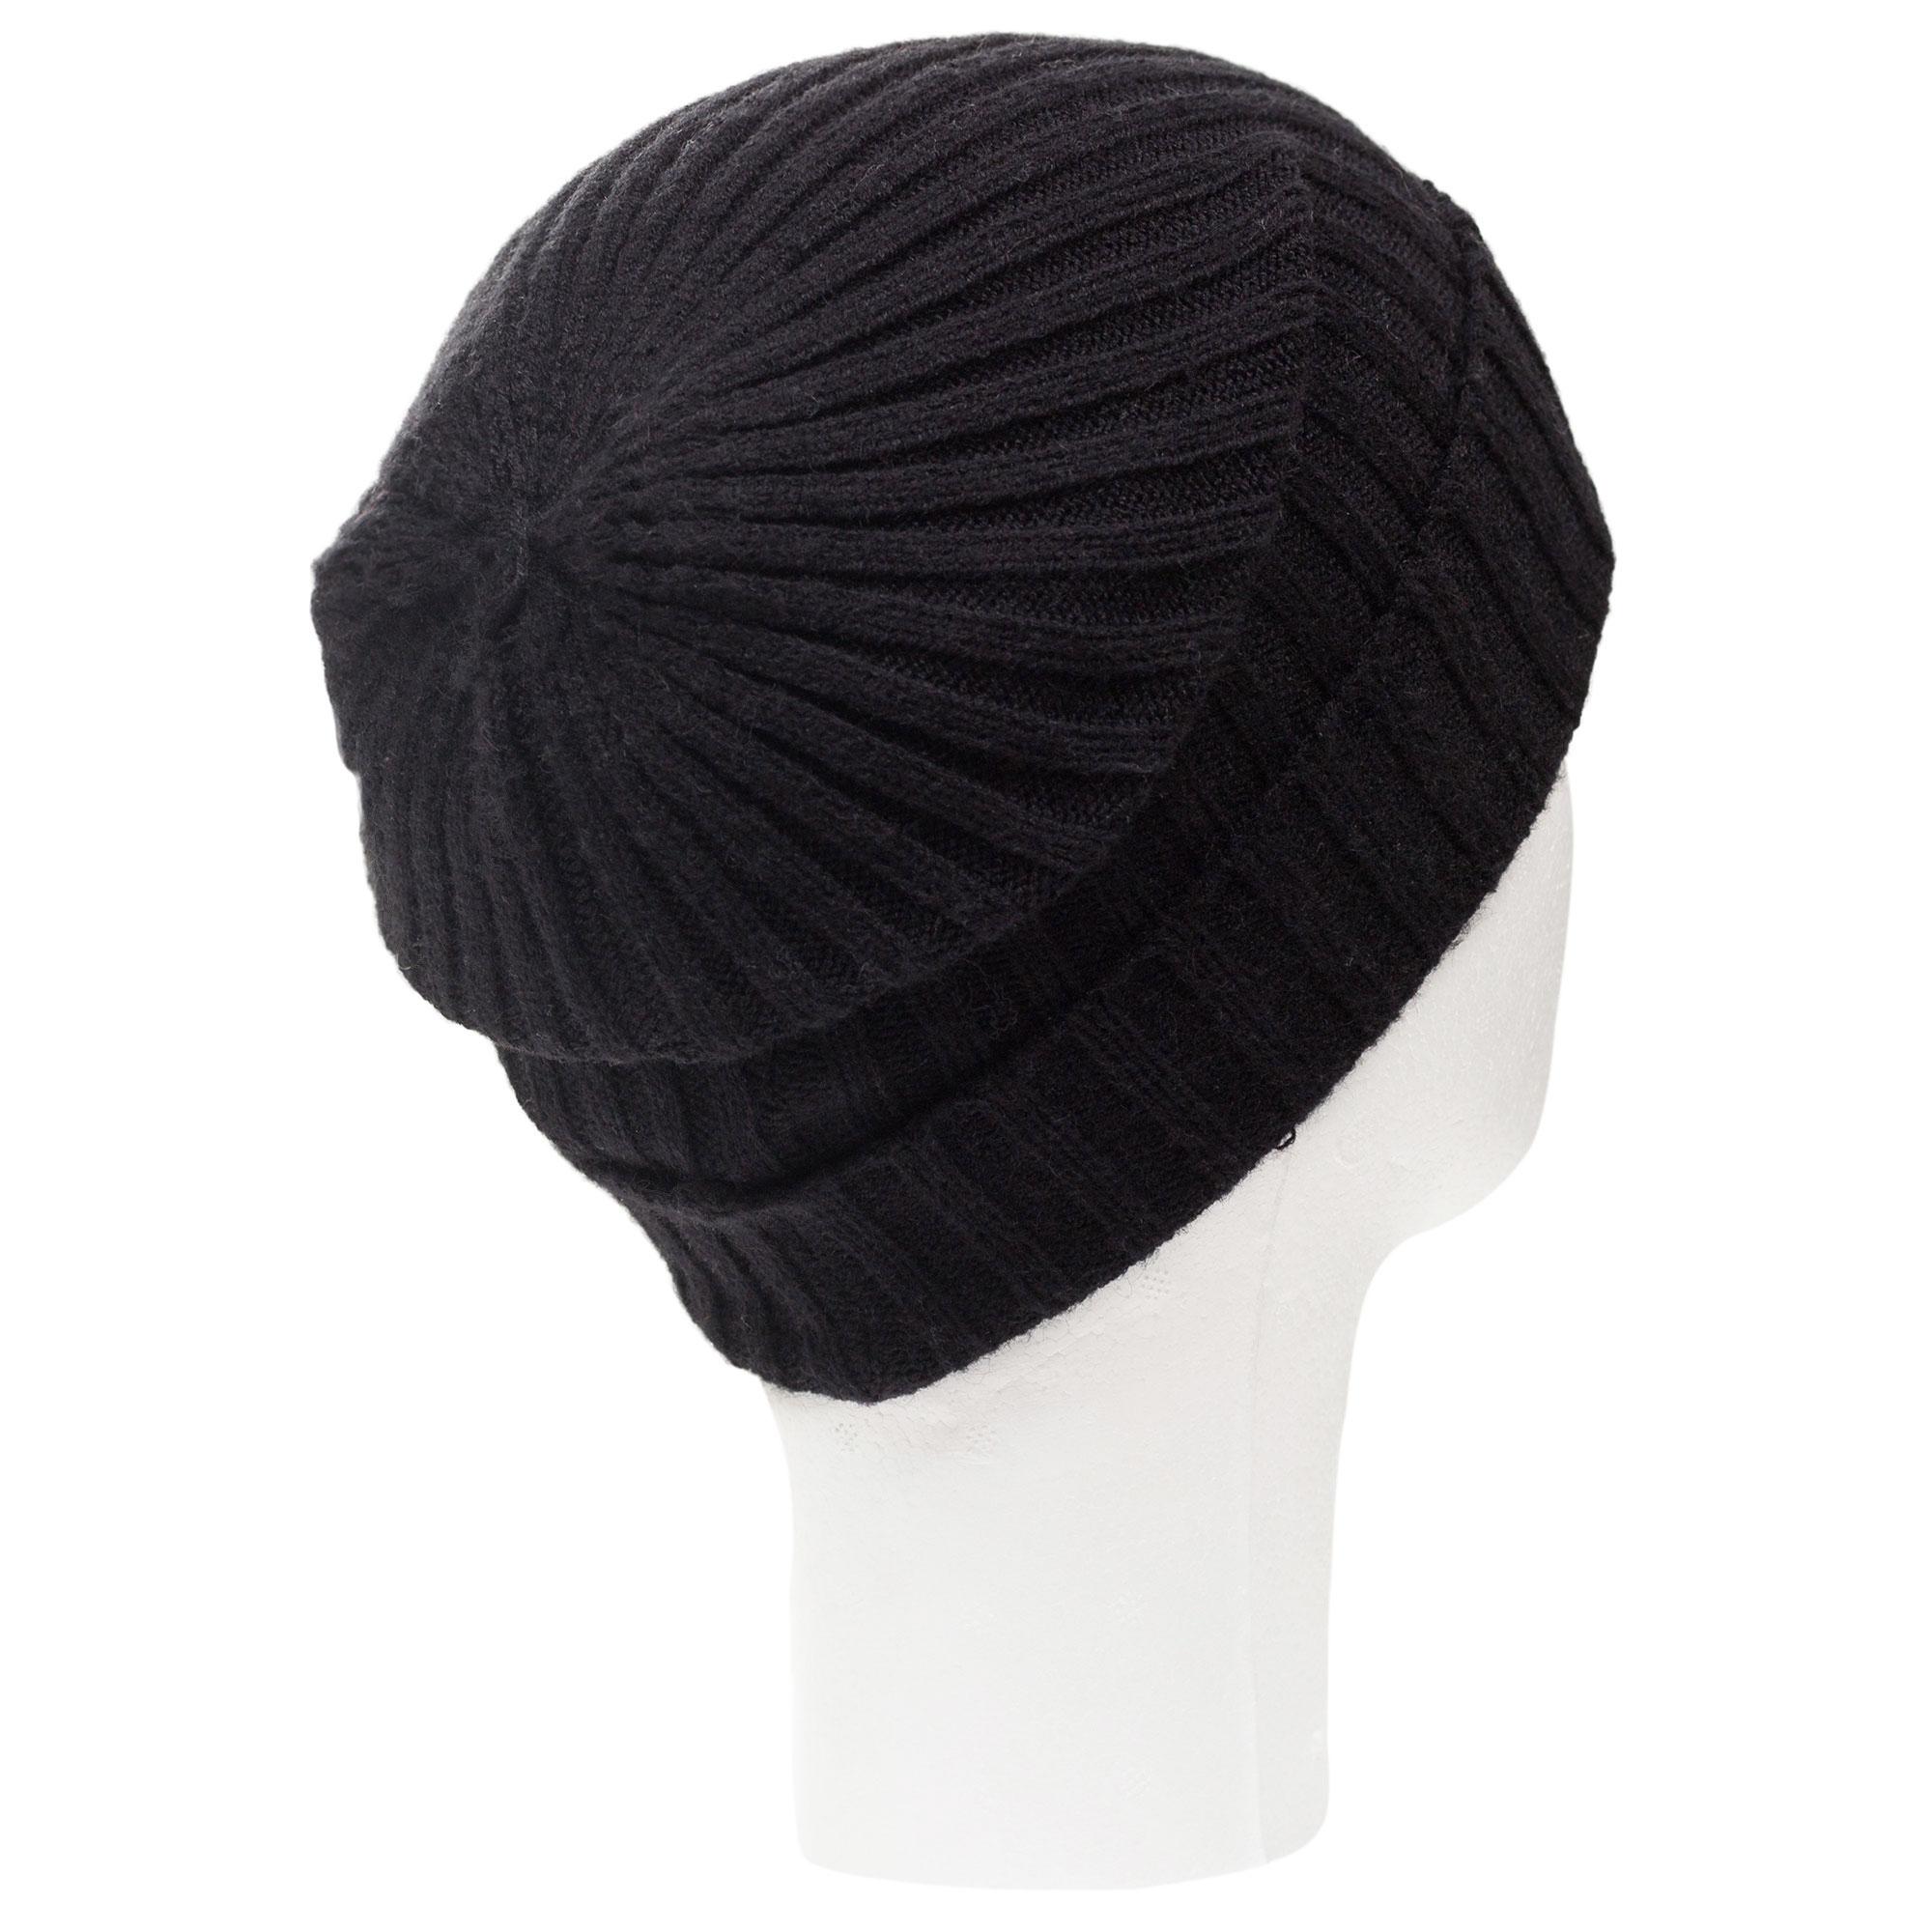 800b392672e63 Черная шапка Befree: купить женские головные уборы в интернет ...